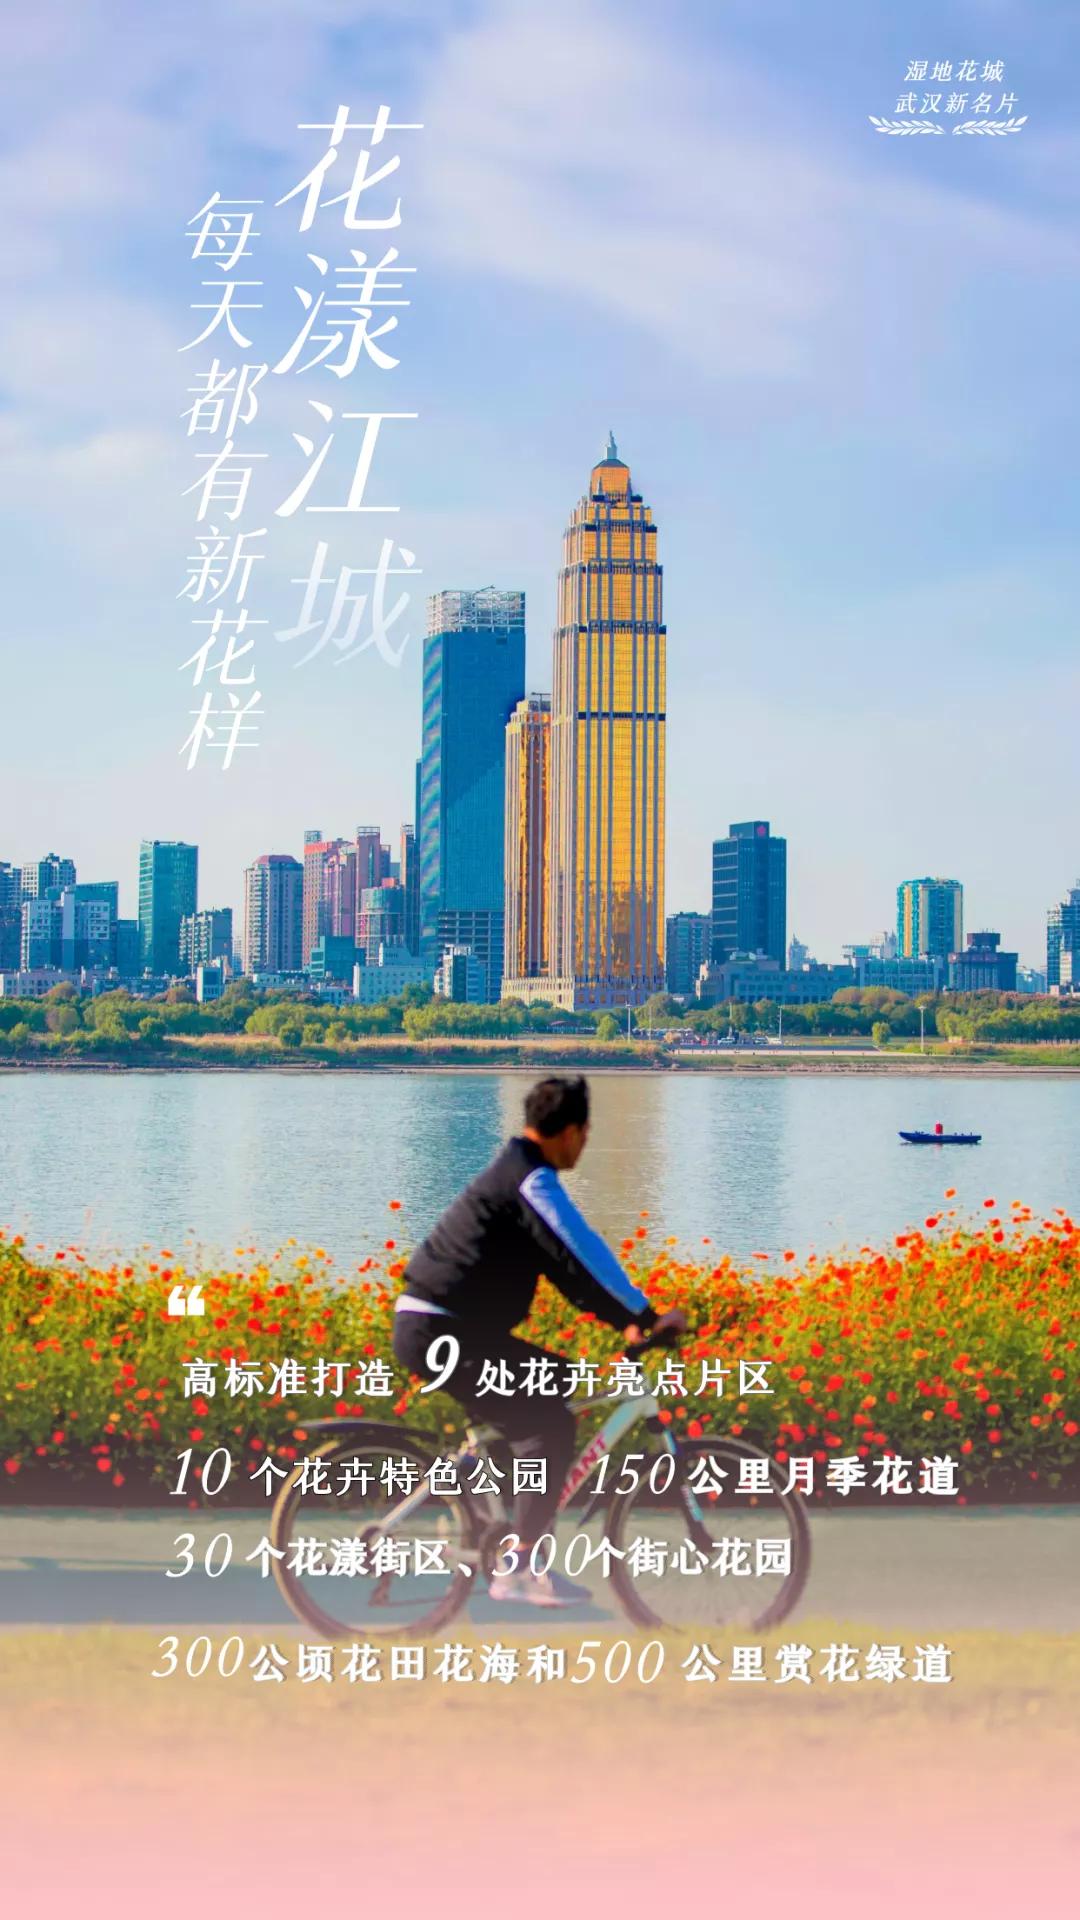 湿地花城将成为武汉新名片 让武汉市民轻松乐享花漾生活插图(5)